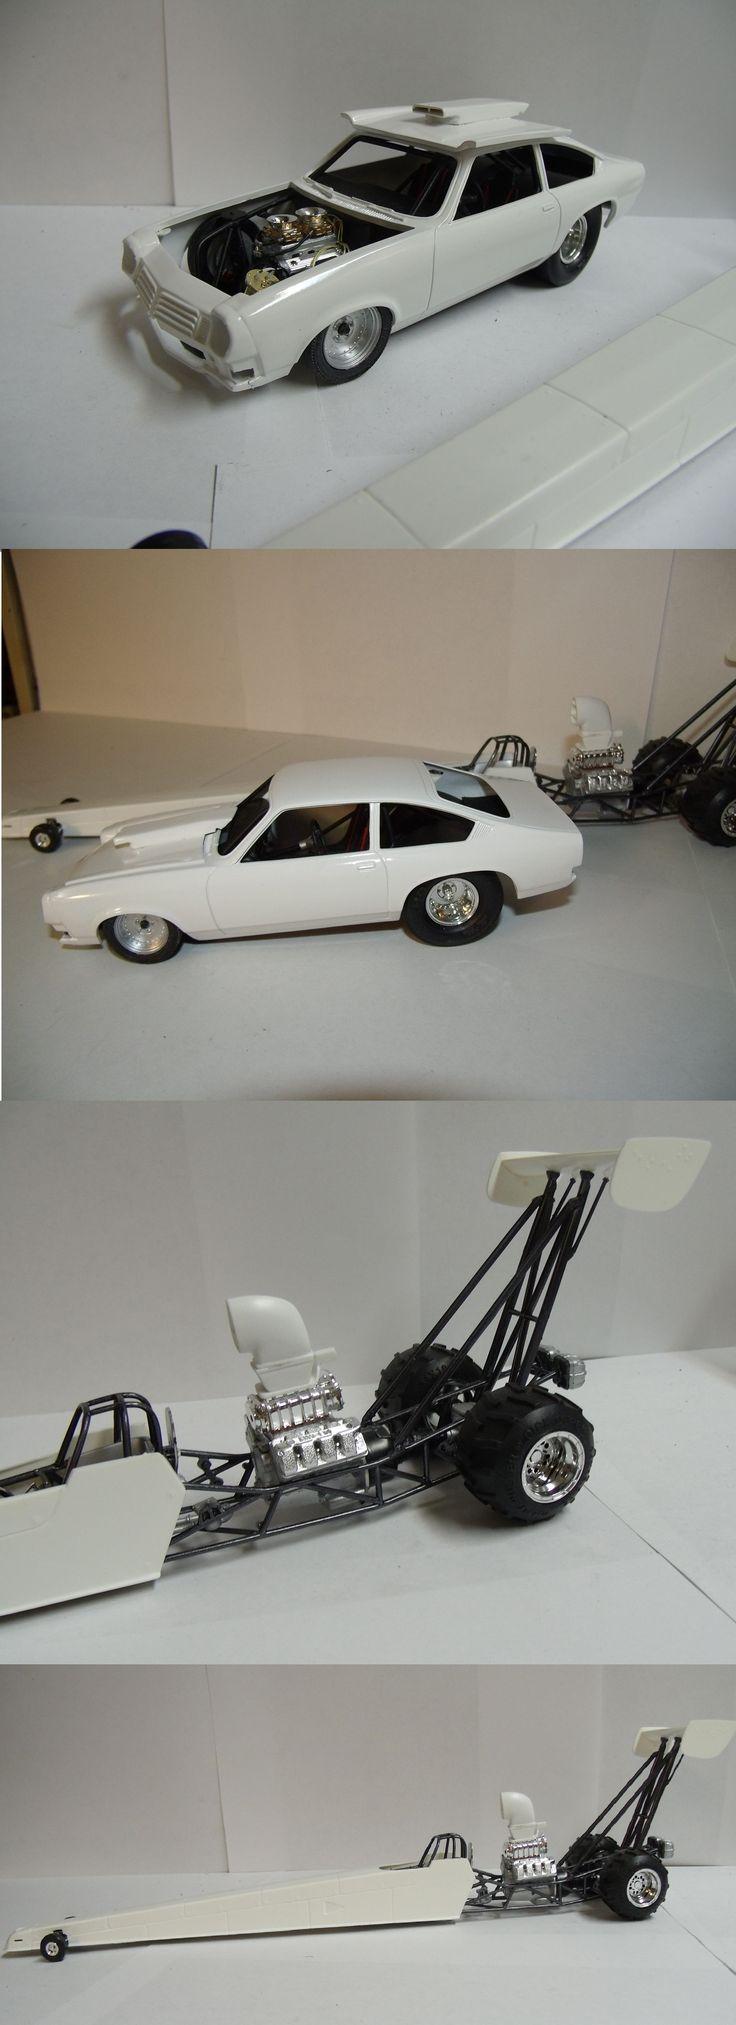 Design of car model - Car Models